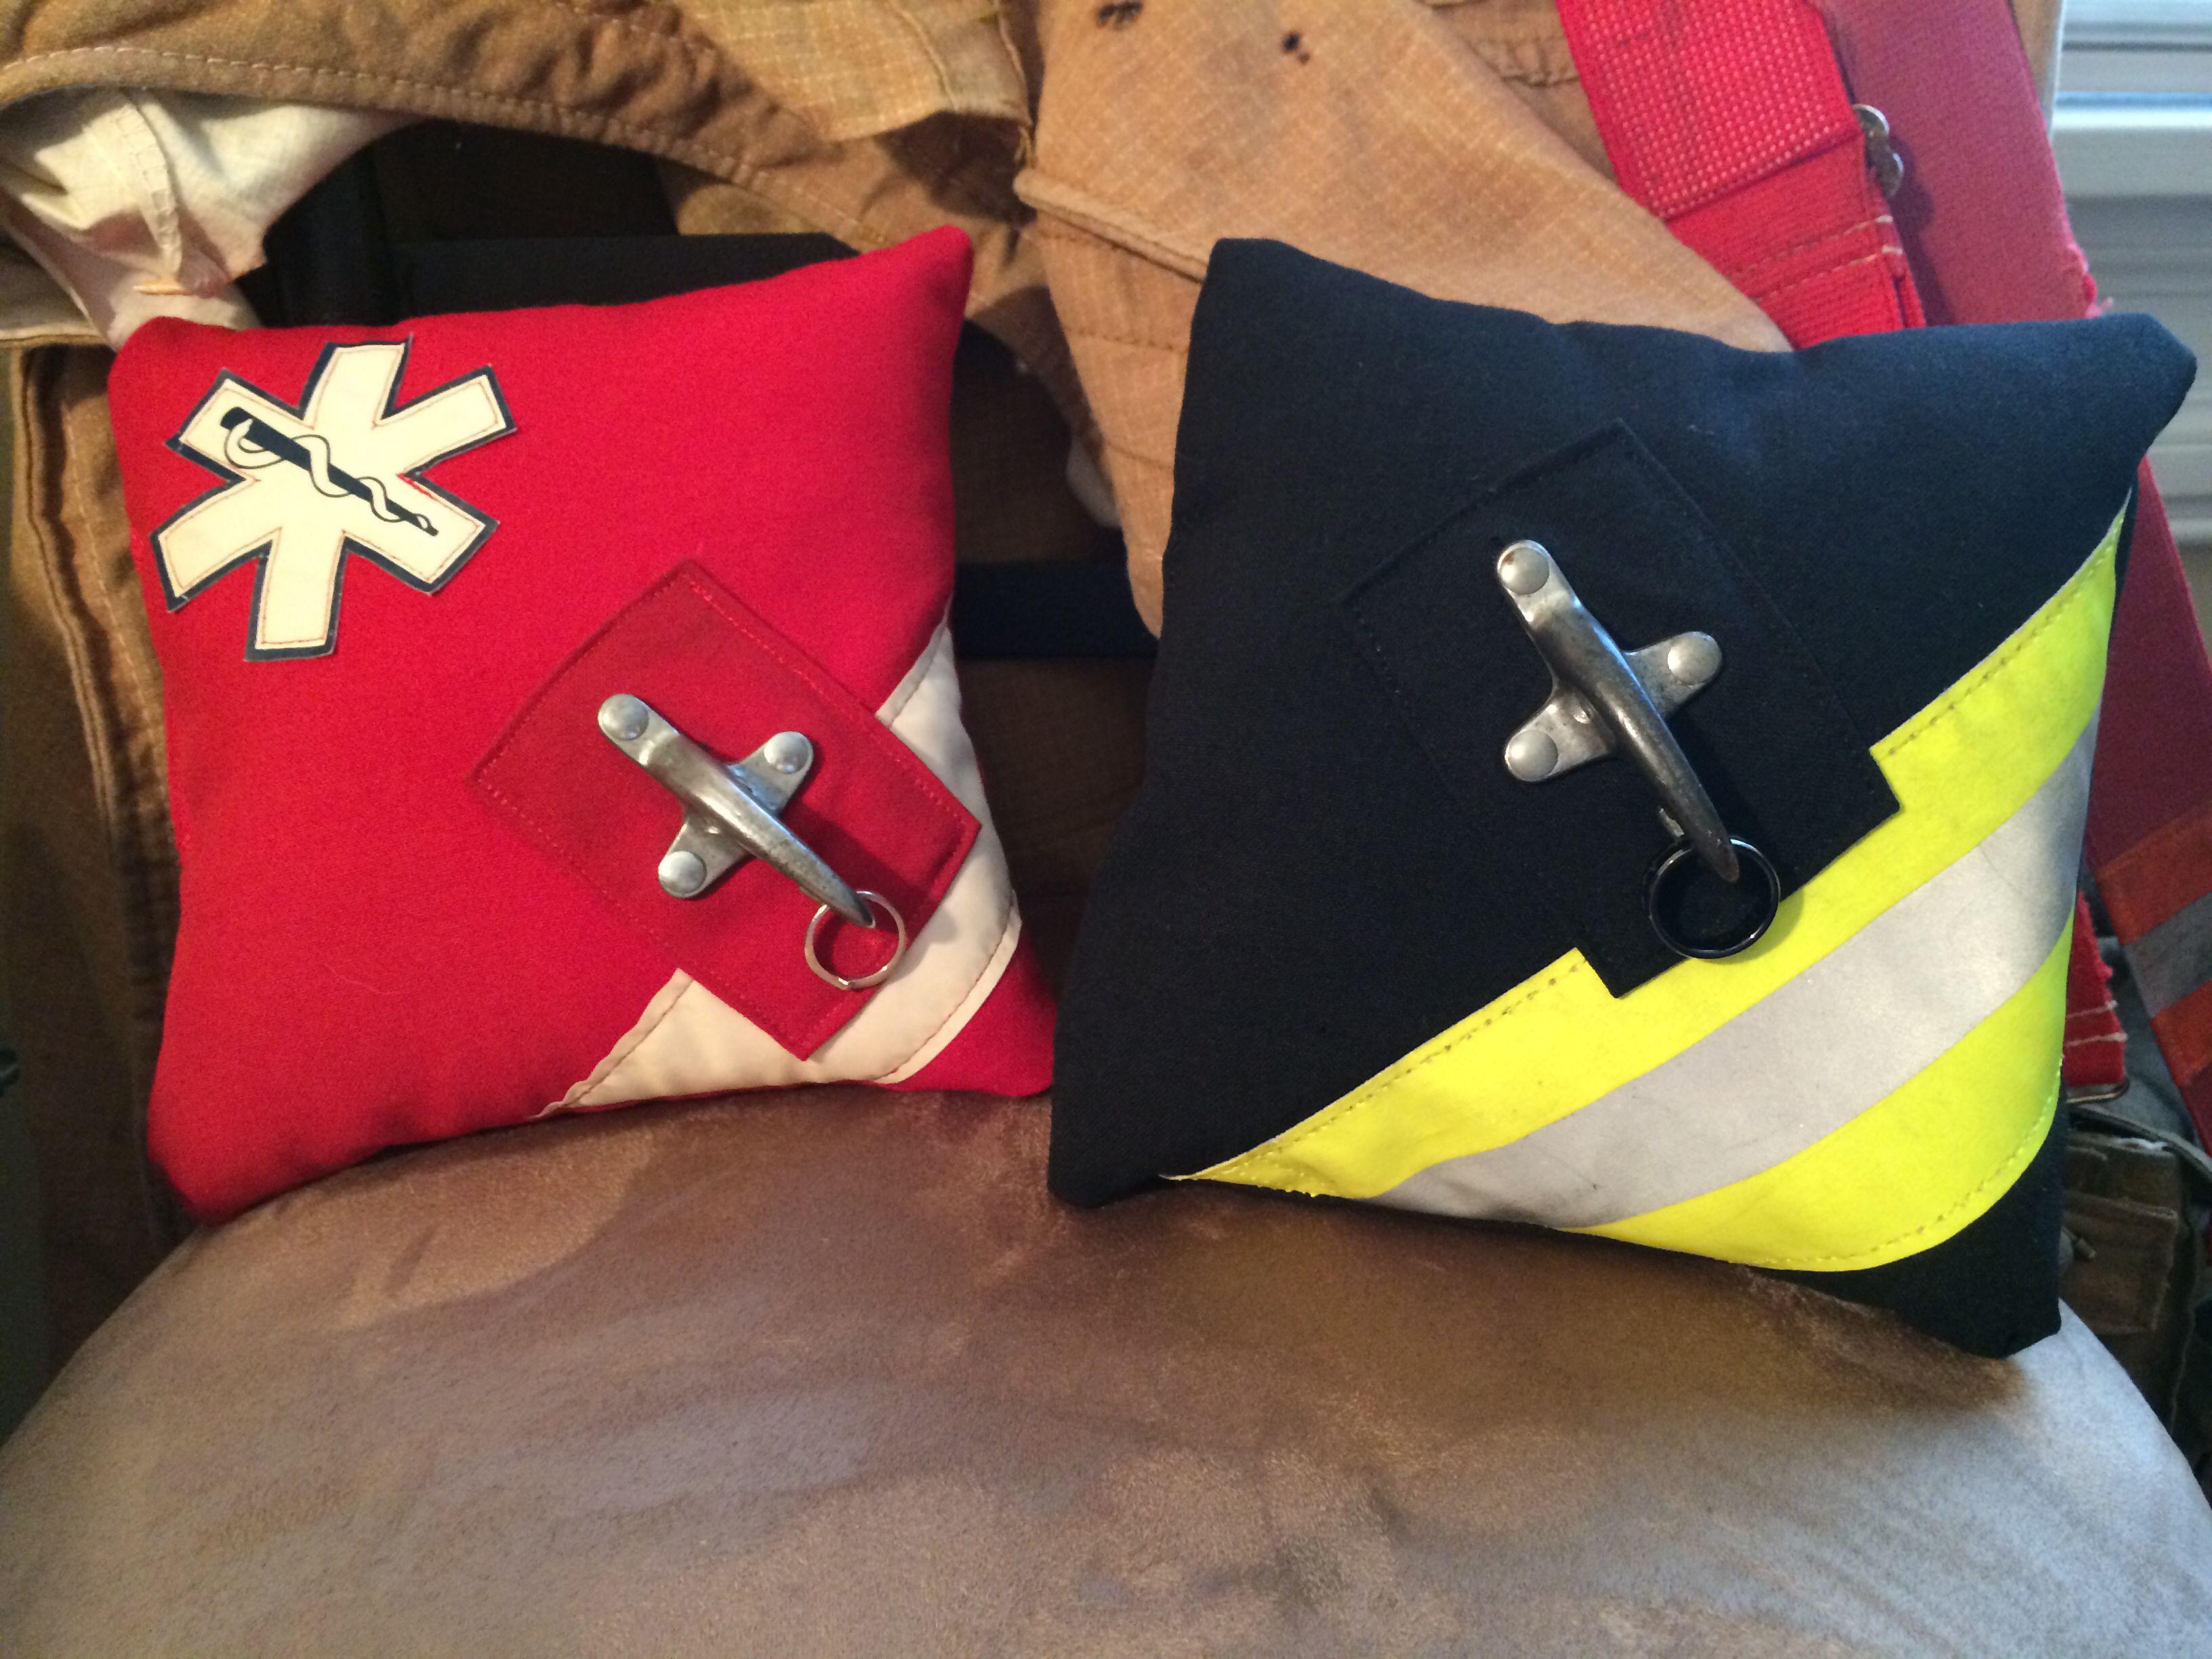 Firefighter Wedding, Bunker Gear Ring Pillows